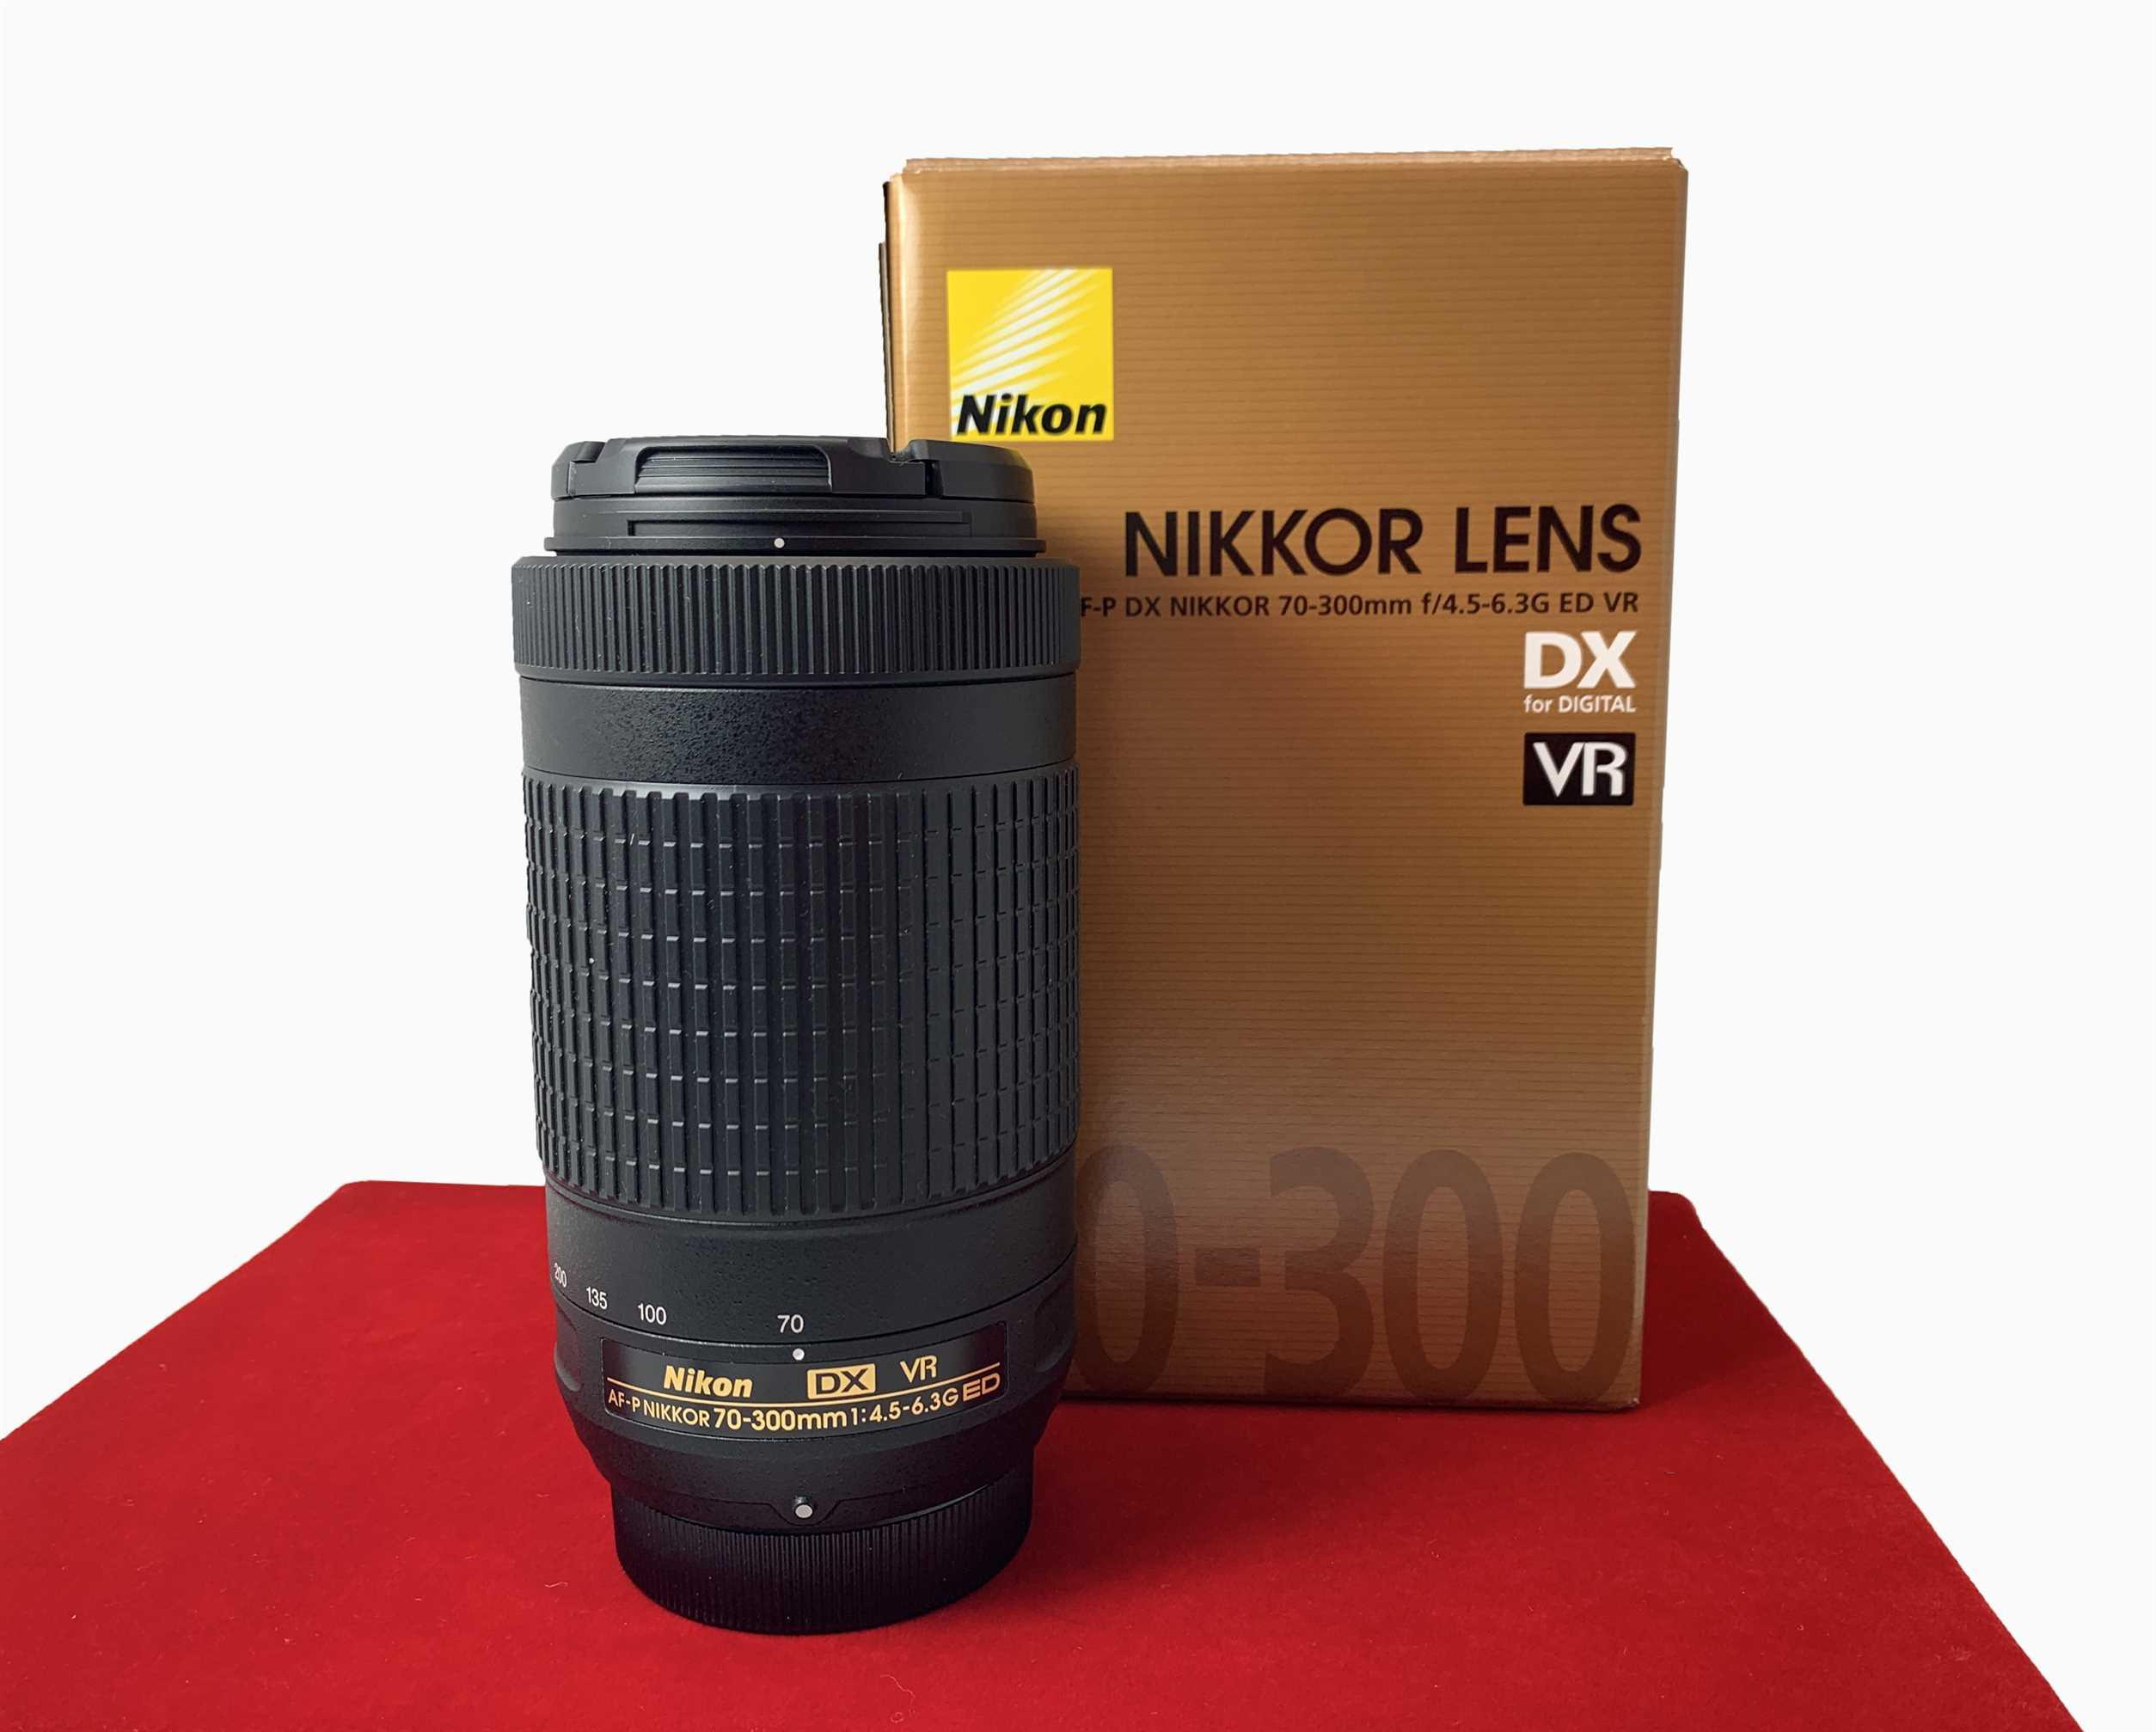 [USED-PJ33] Nikon 70-300mm F4.5-6.3G ED VR DX AF-P, 95% Like New Condition (S/N:20504486)